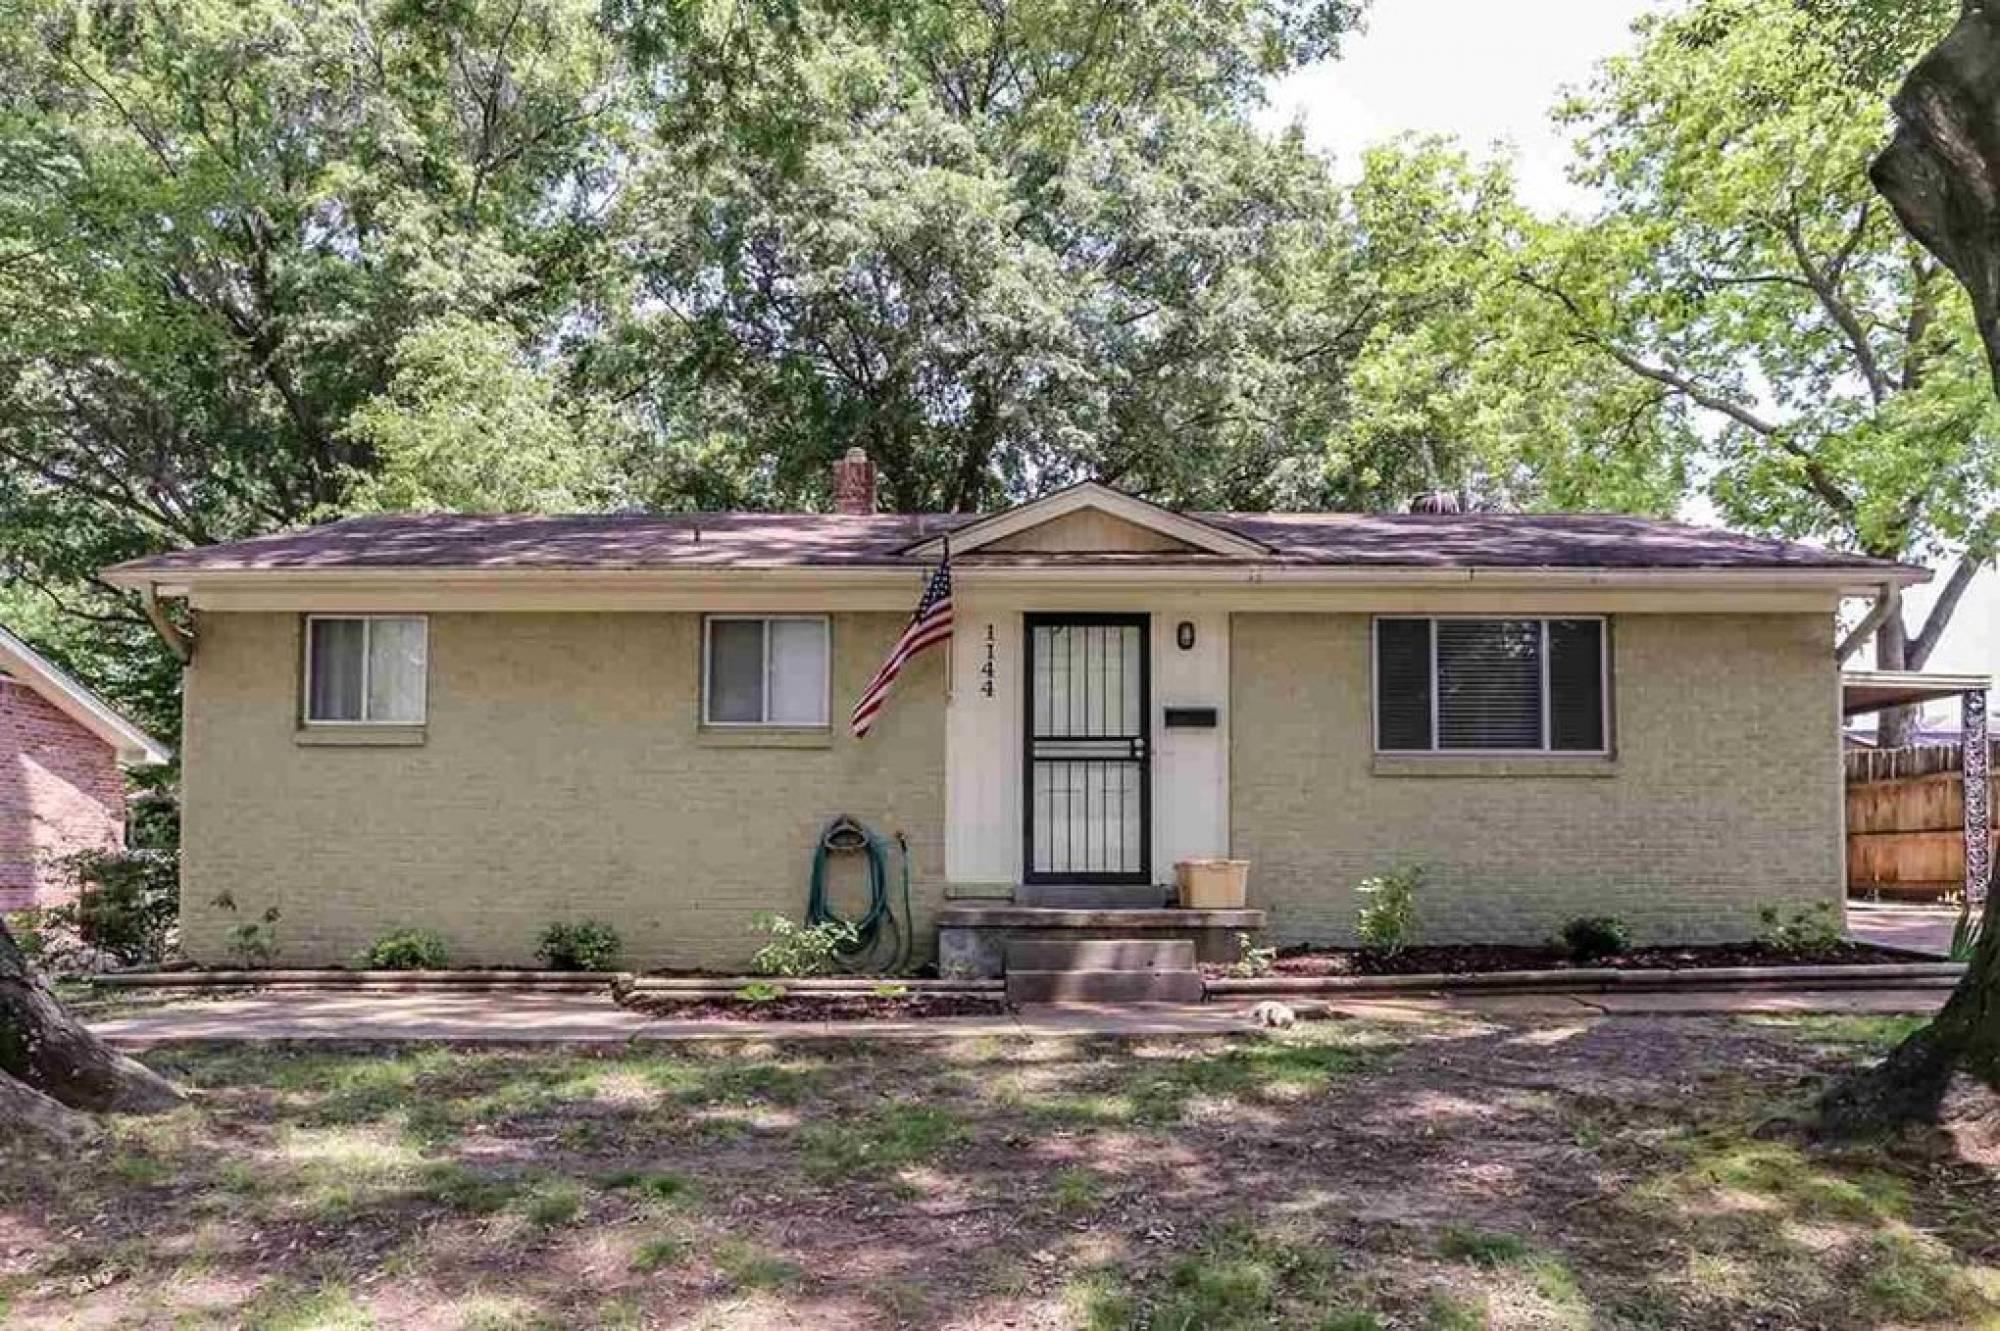 1144 Wellsville Rd. Memphis TN 38117